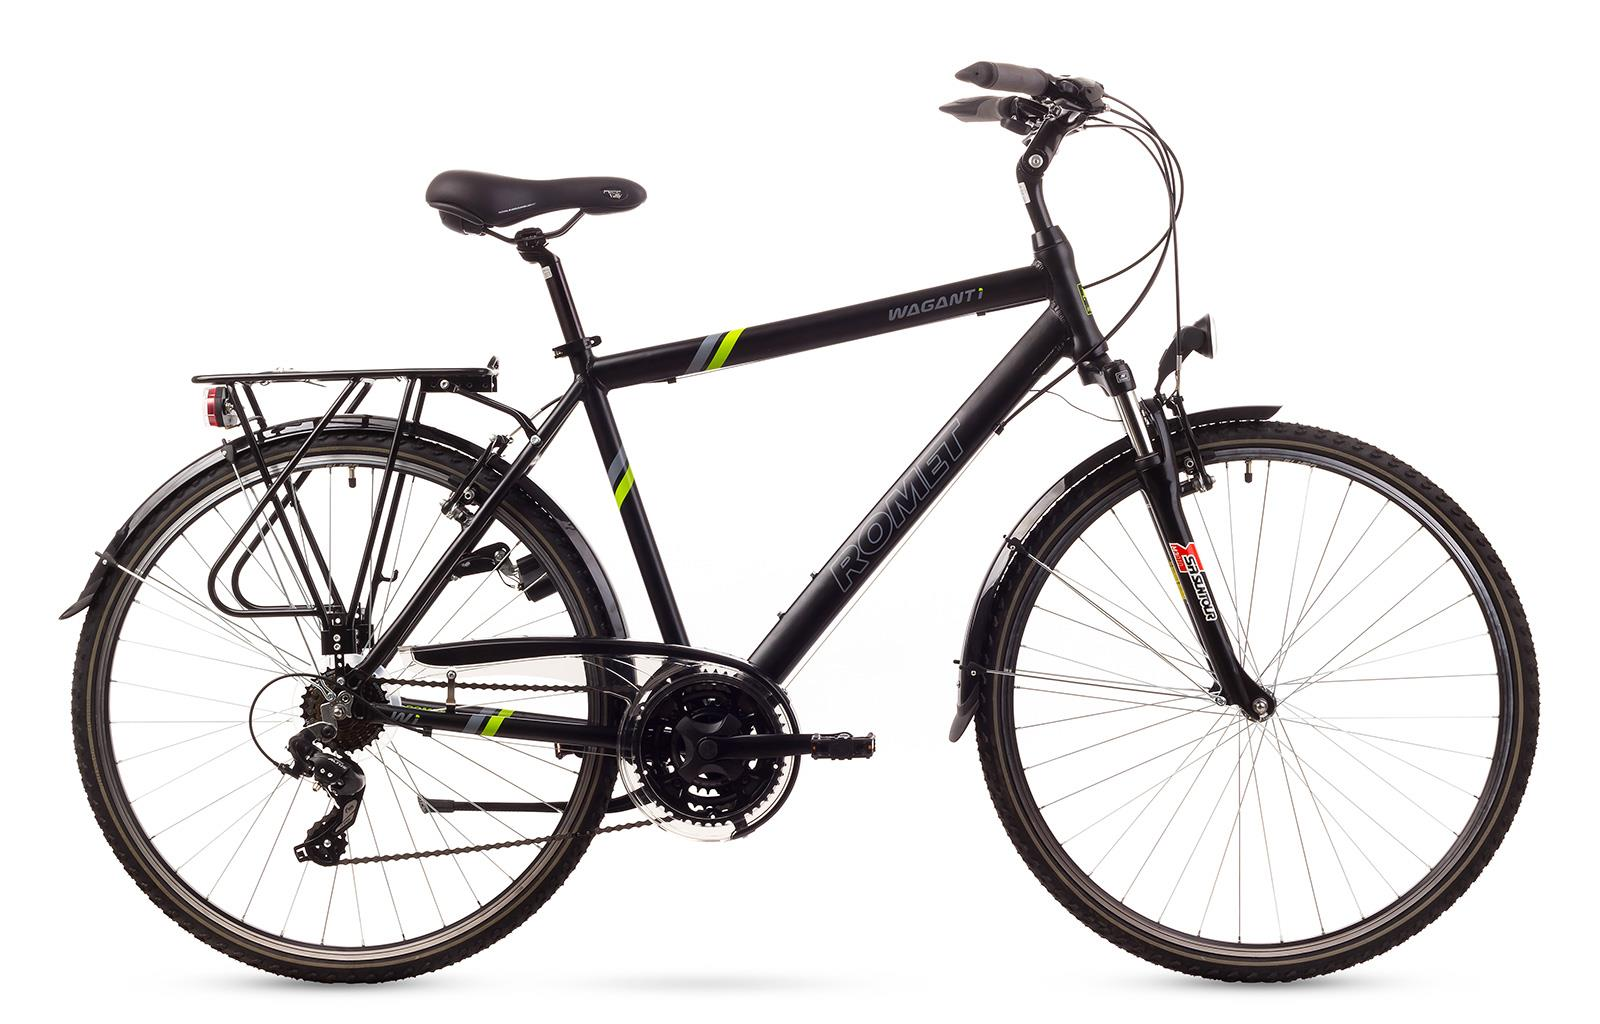 Rower ROMET  WAGANT 1  czarny z zielonym 19 M